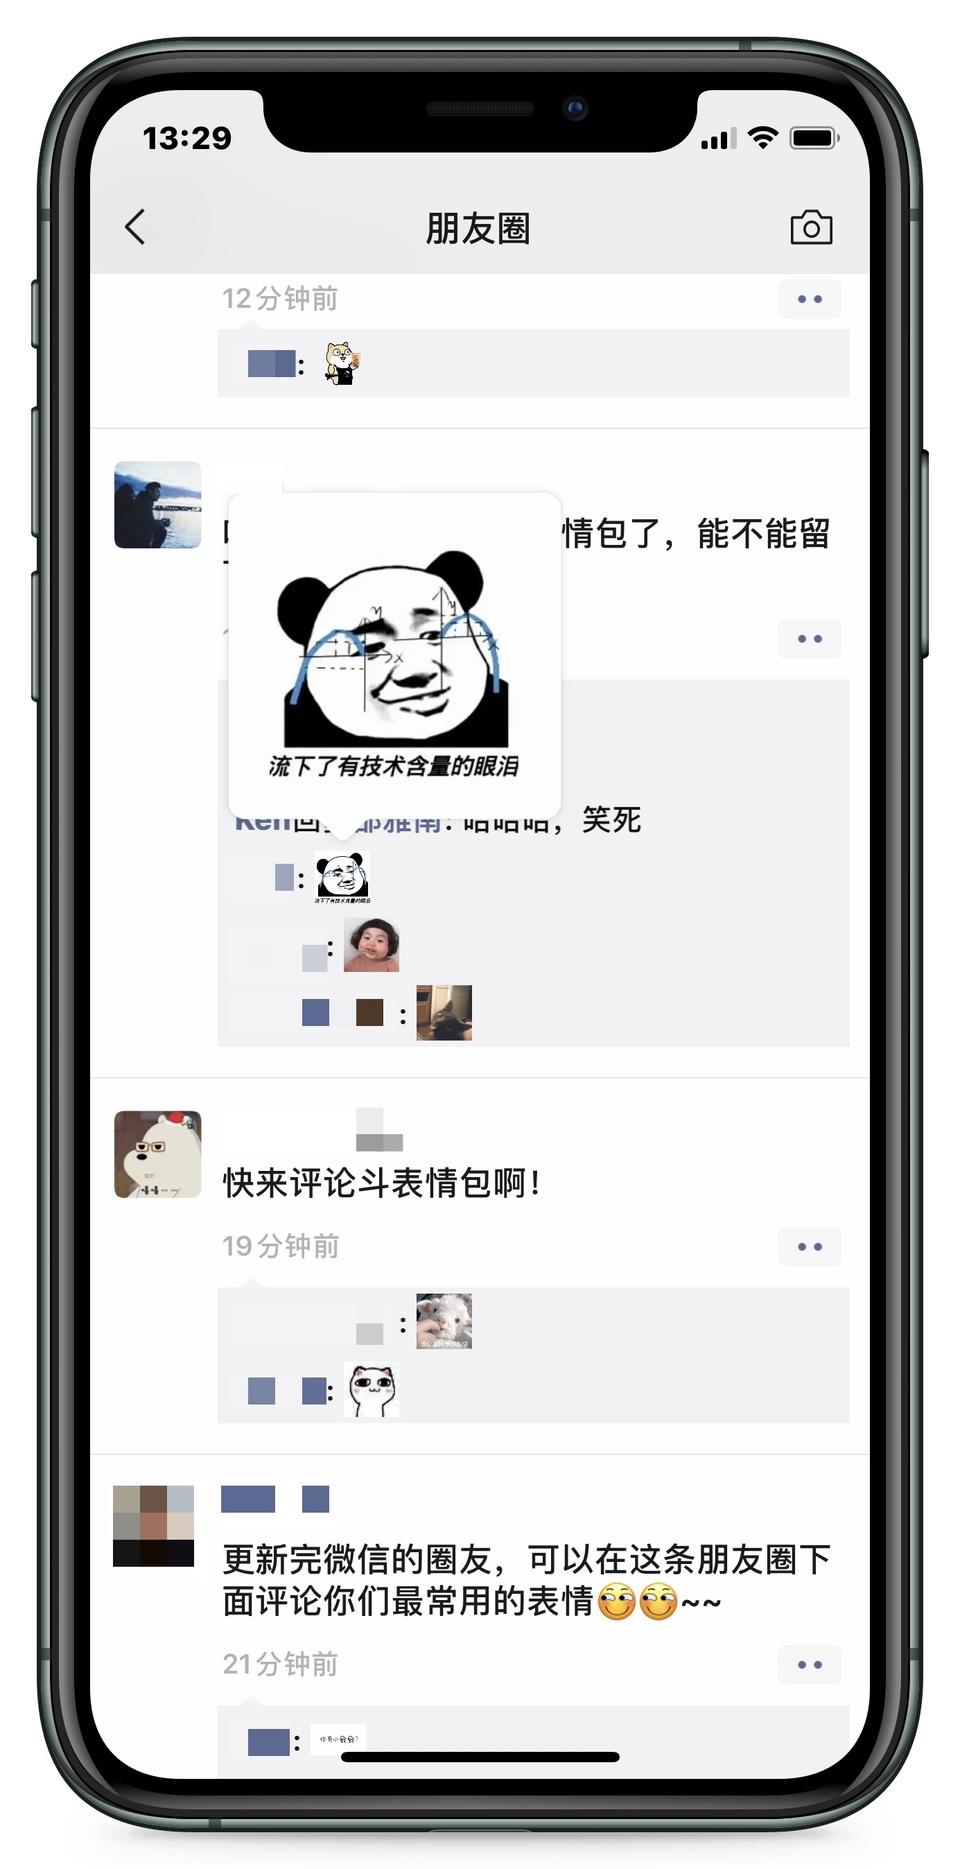 微信确认关闭朋友圈评论表情包功能的照片 - 3